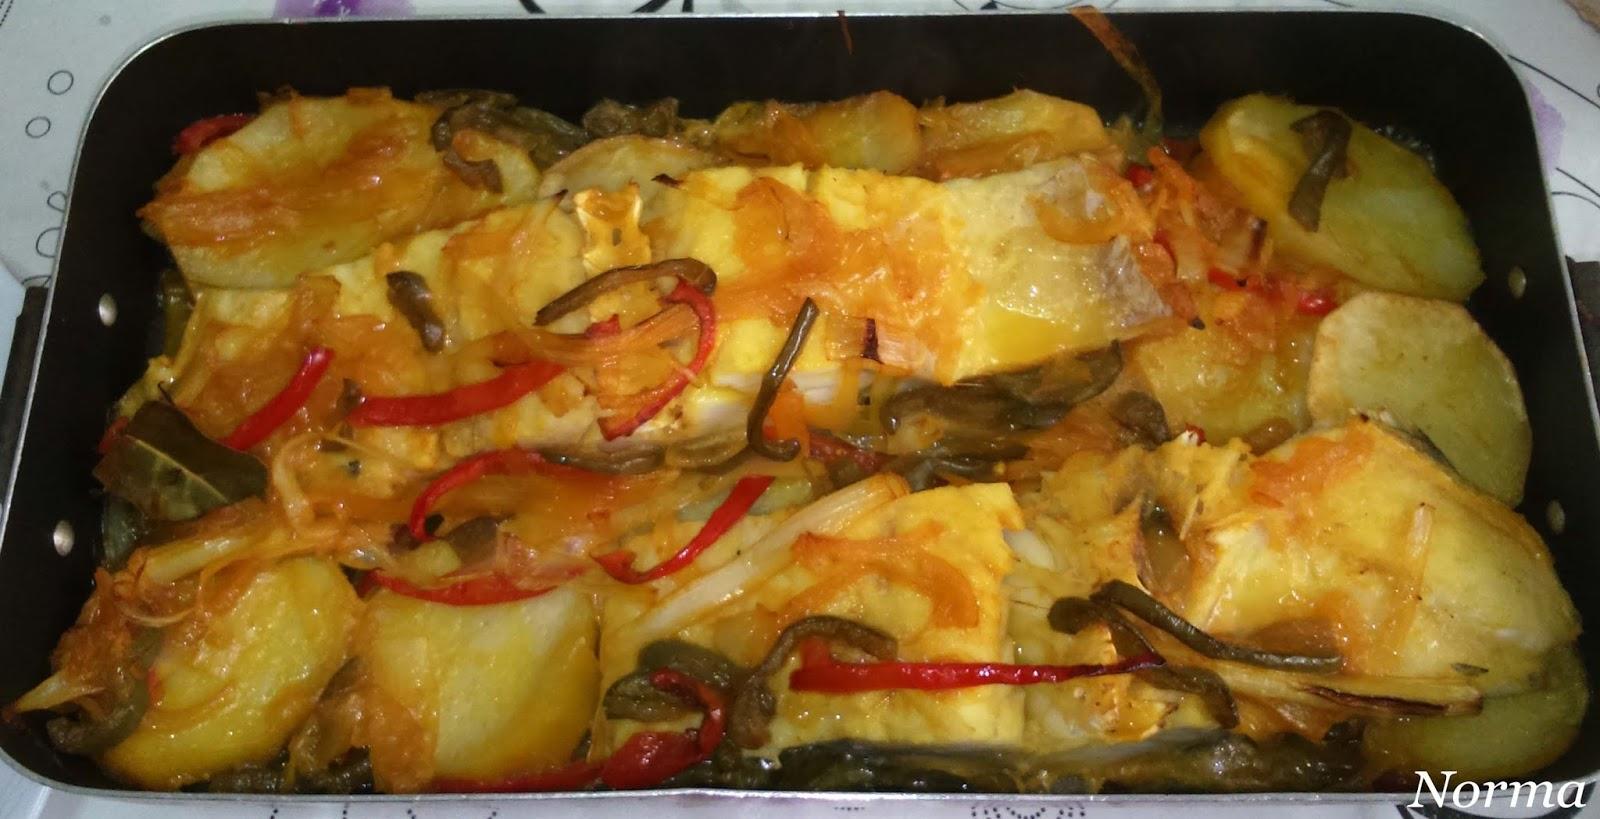 Cinco fogones bacalao con patatas y verduras al horno - Cocinar bacalao desalado ...